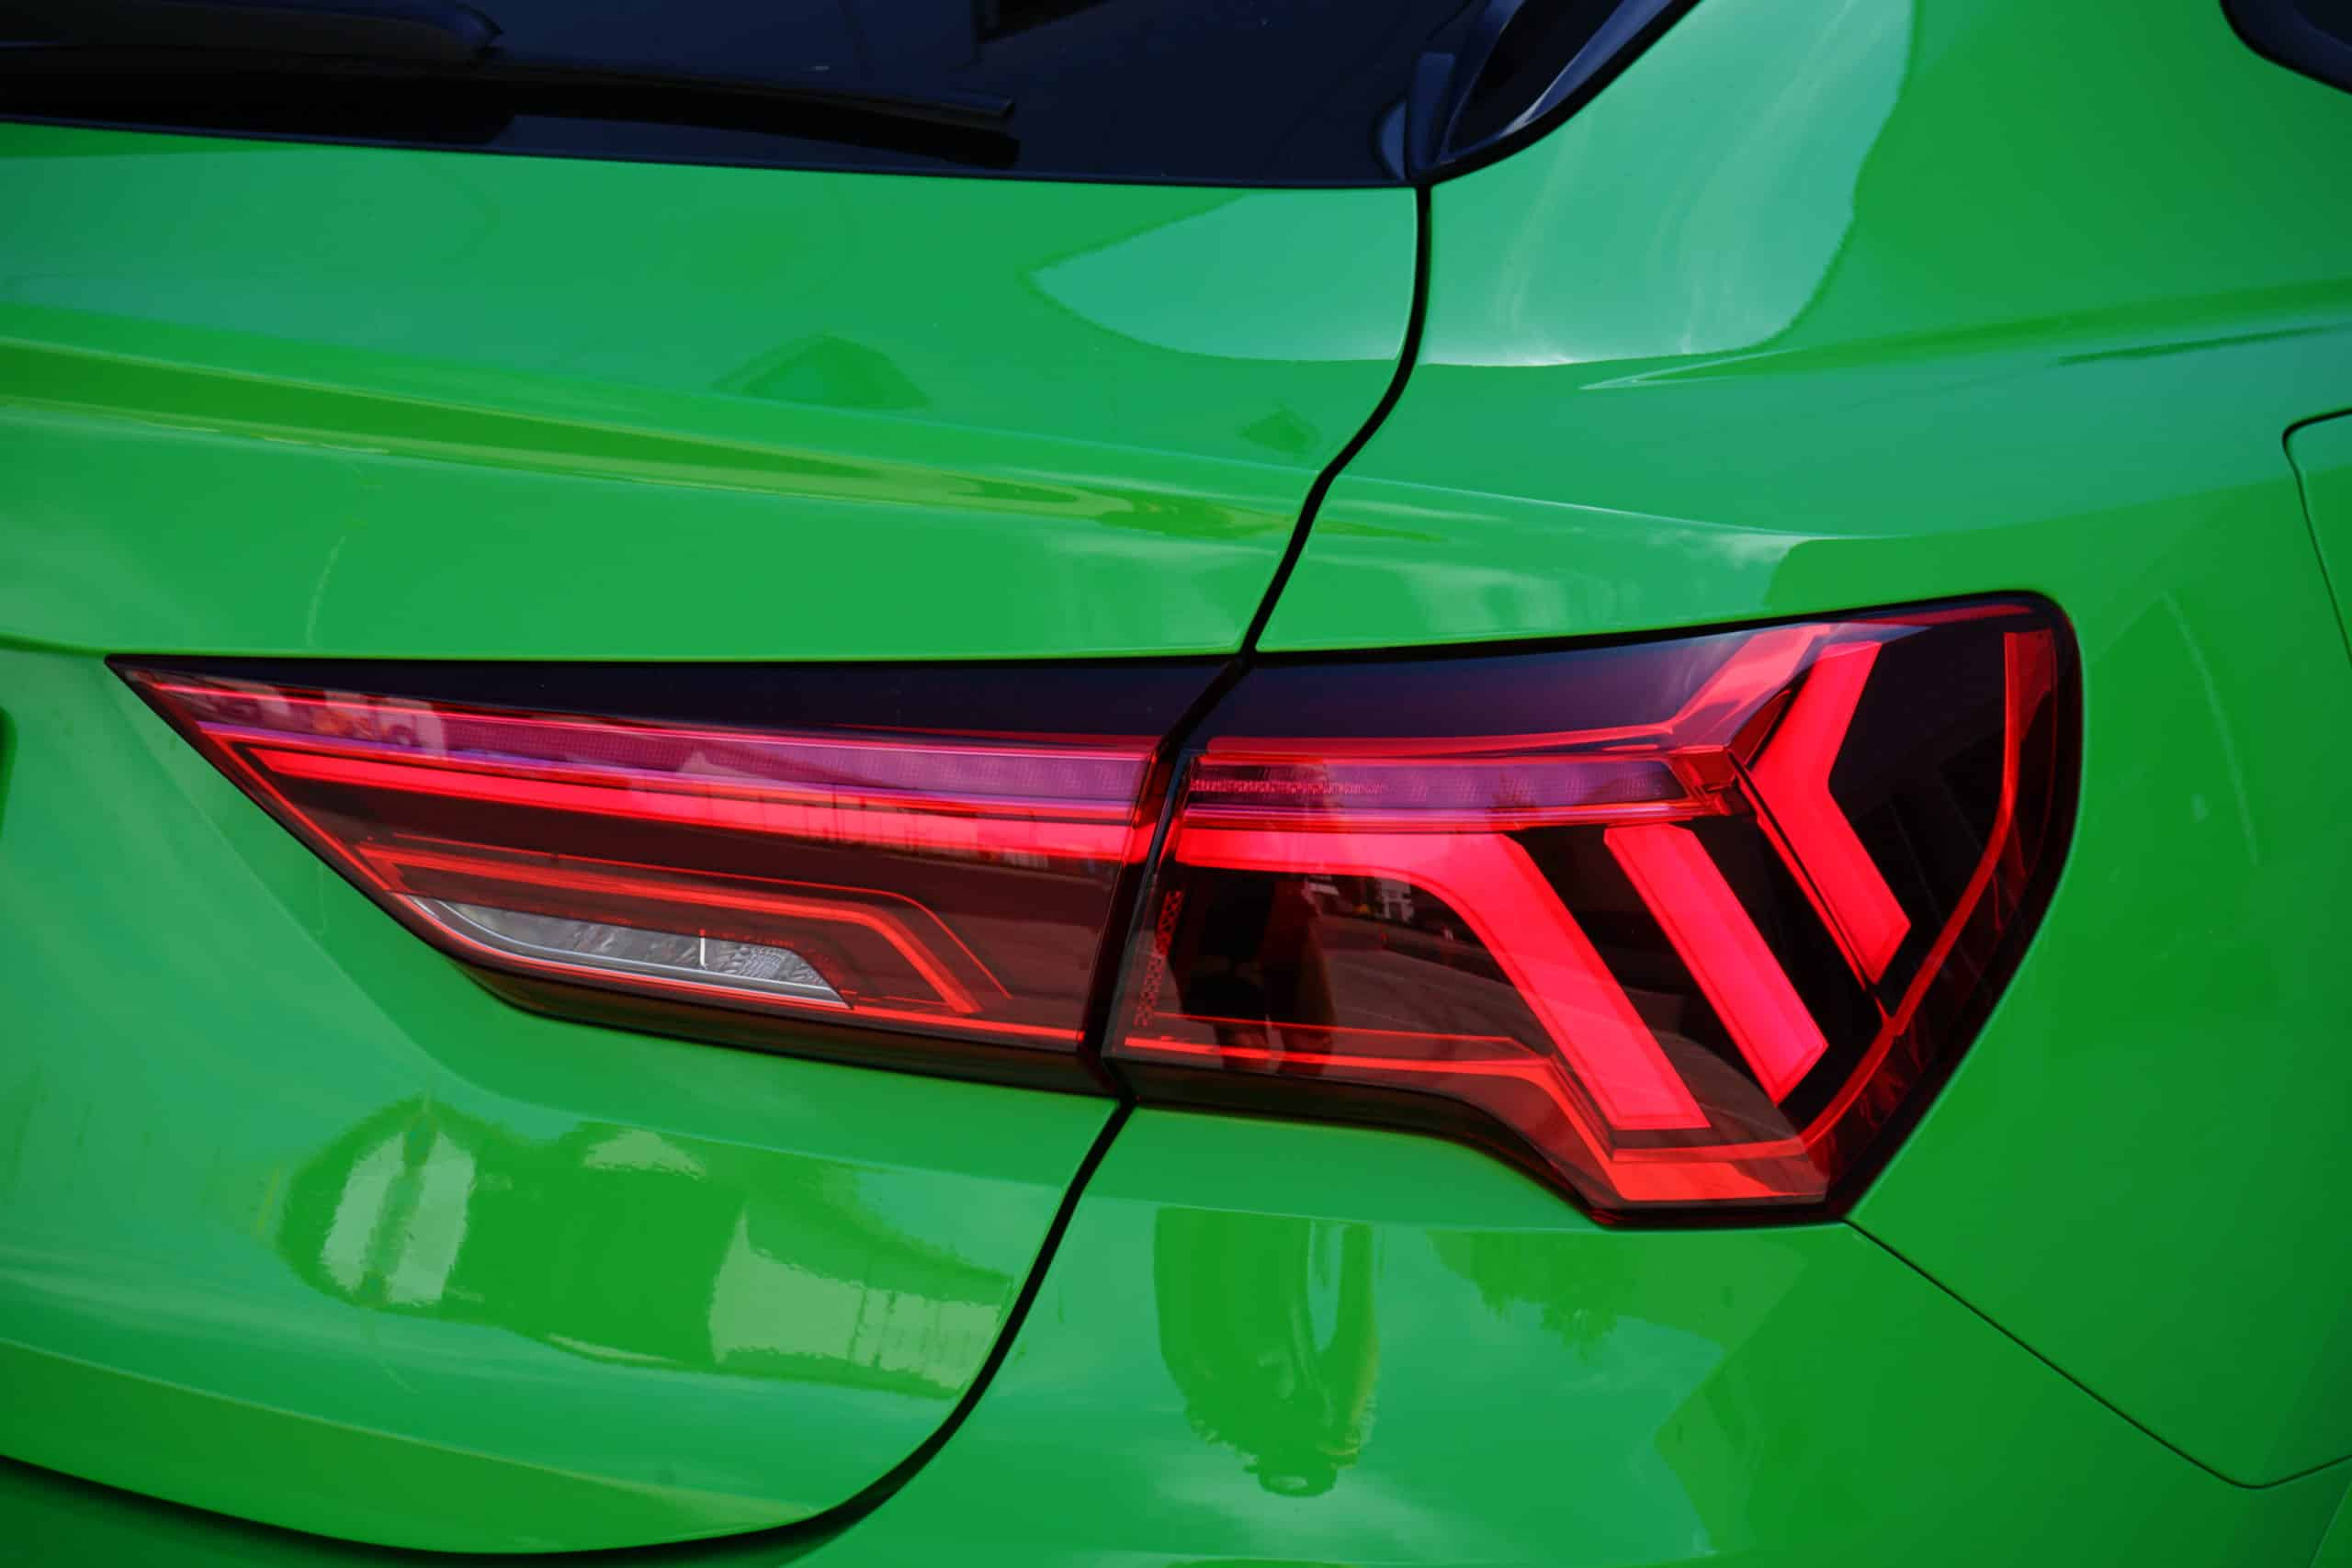 Audi RS Q3 2.5 TFSI Quattro